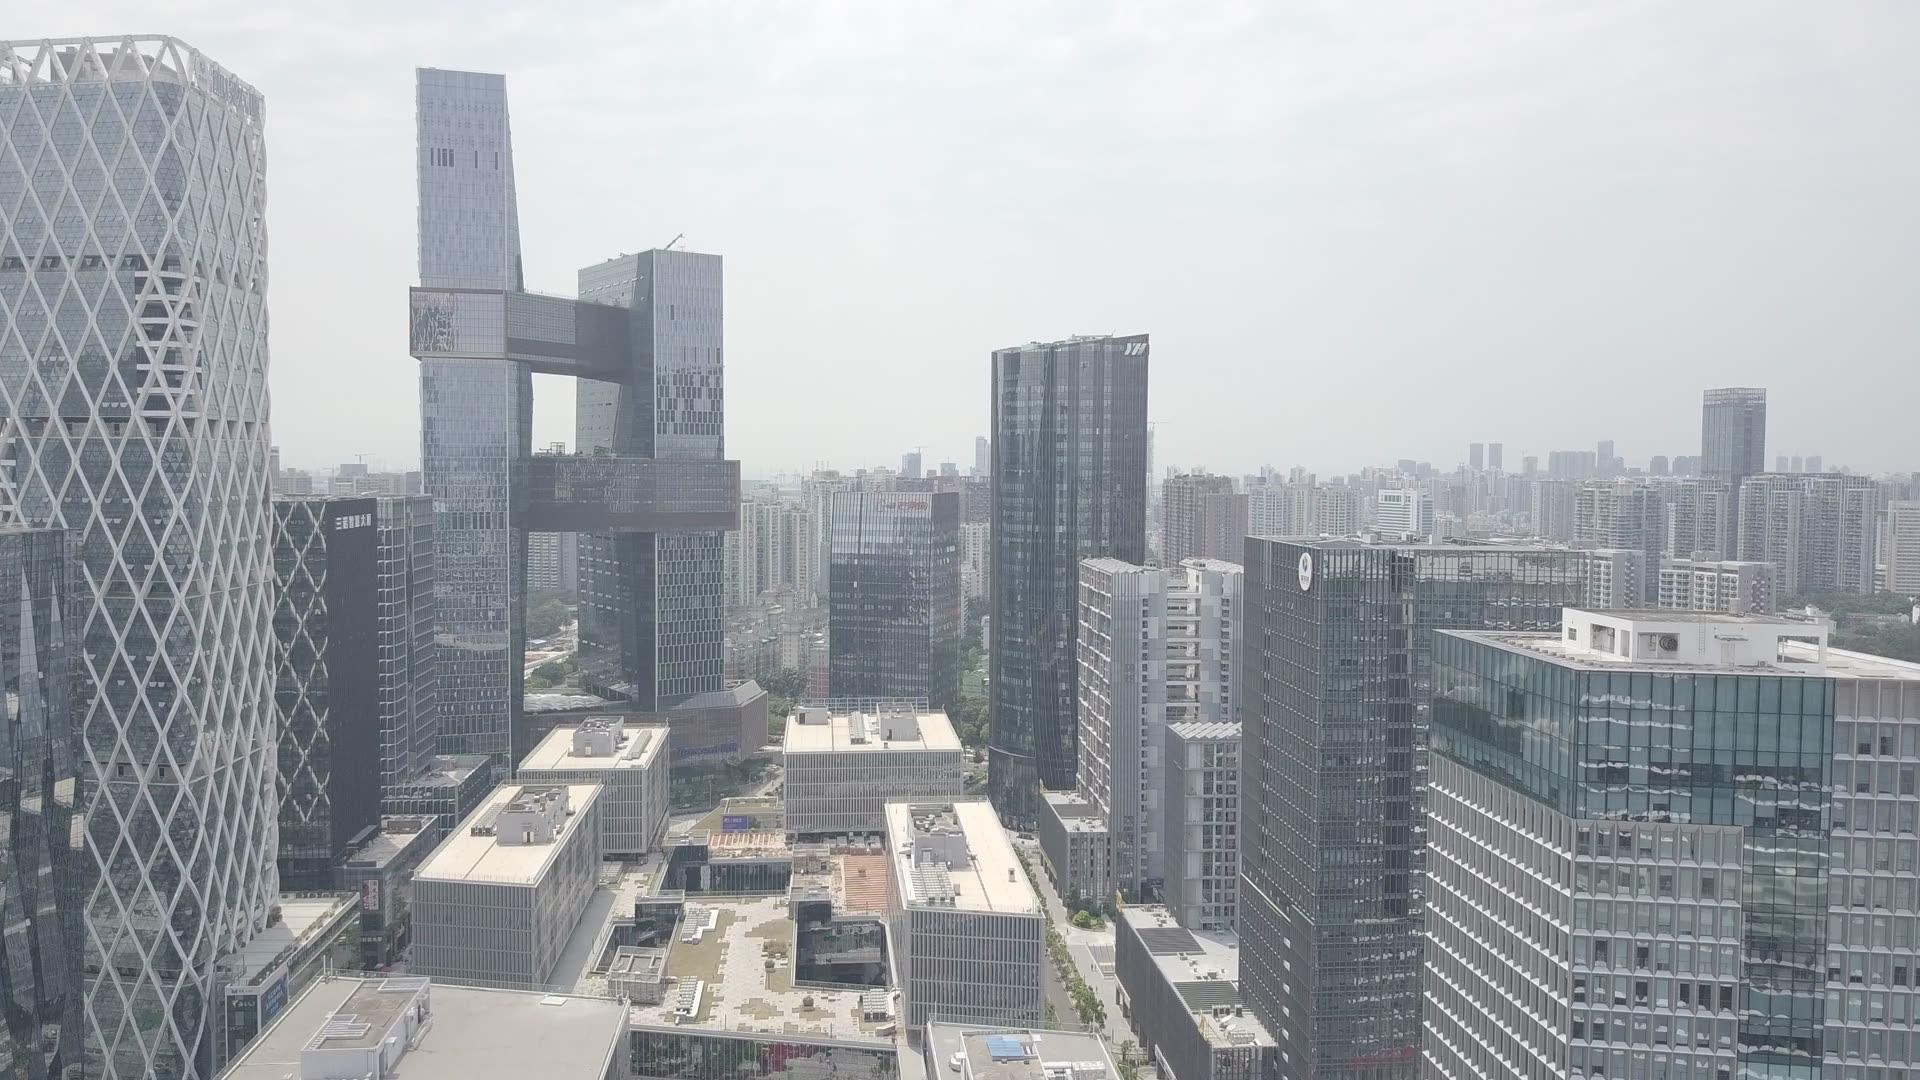 深圳軟件產業基地航拍、CBD中心區、深圳騰訊總部